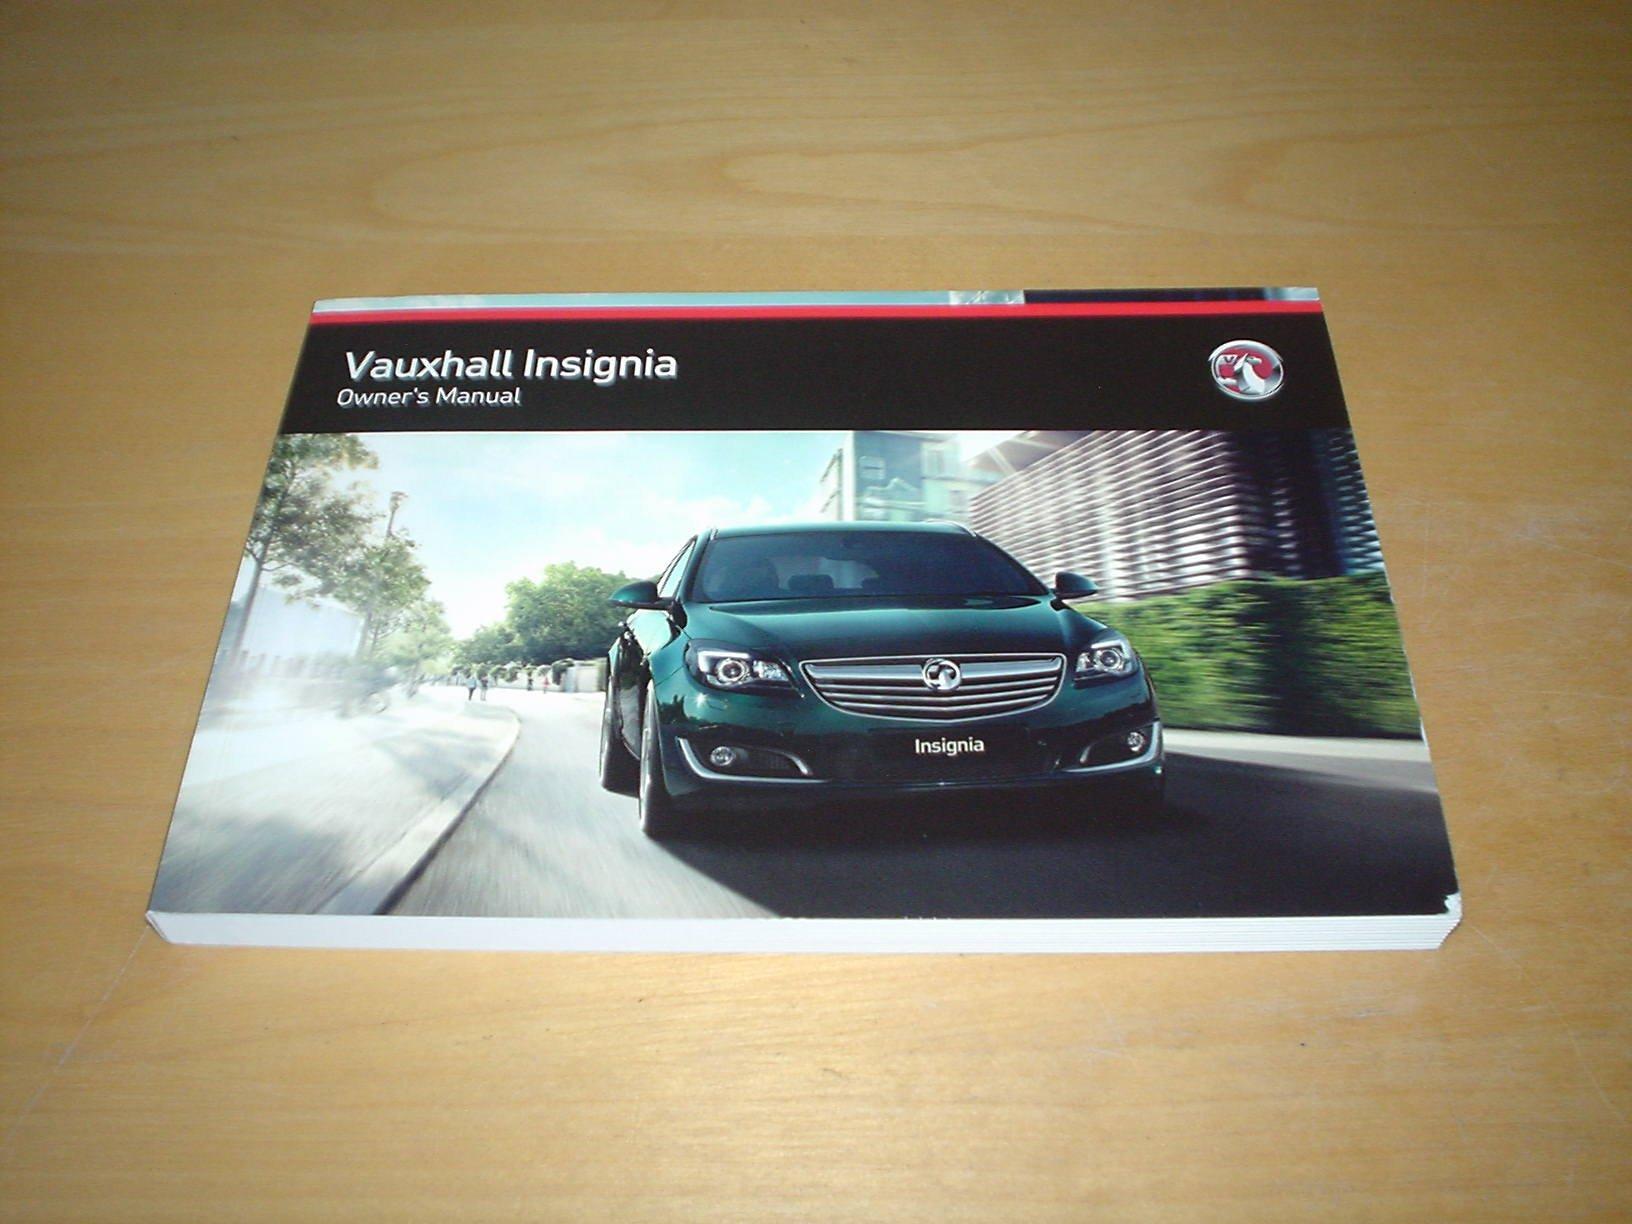 vauxhall opel insignia owners manual handbook 2013 2016 1 4 rh amazon co uk opel insignia user manual opel insignia service repair manual download